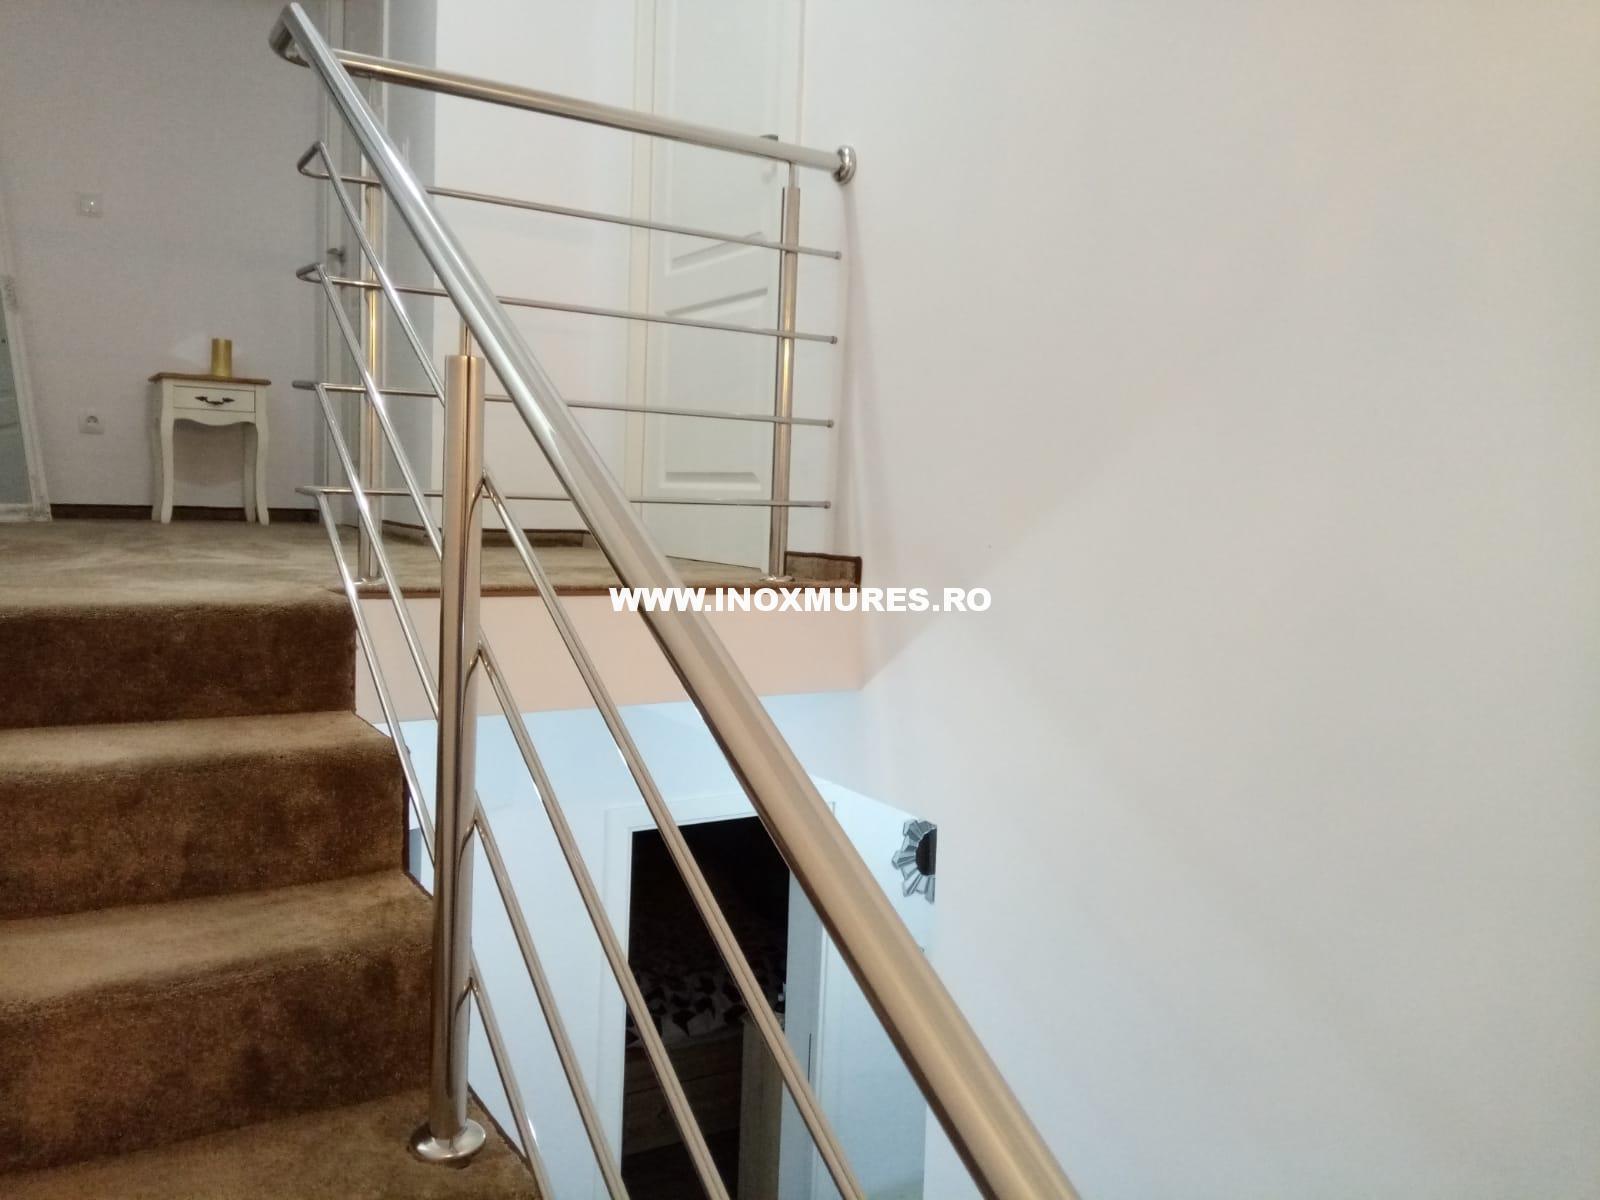 Balustrada inox Remetea Mica, Mures 04.03.2019